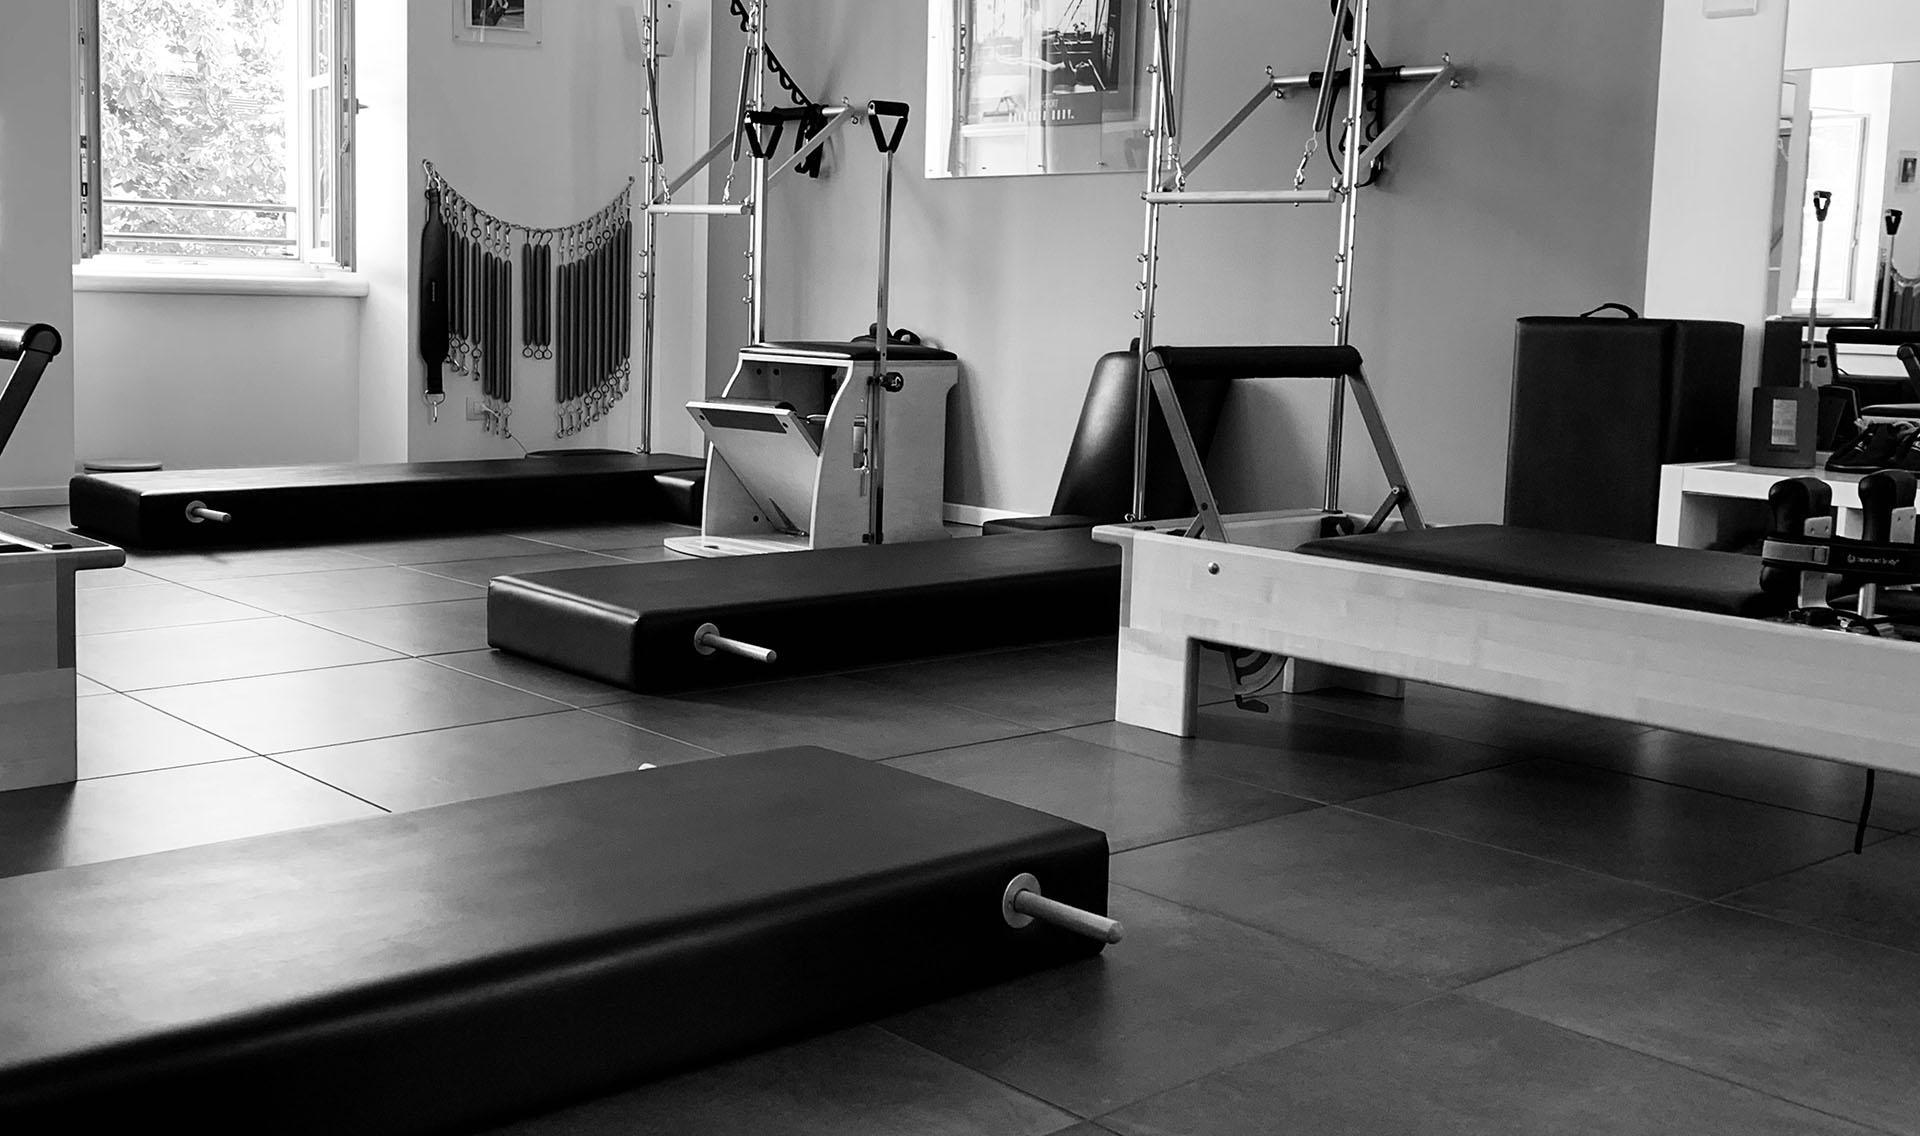 Studio di pilates a Trento, dettaglio attrezzi